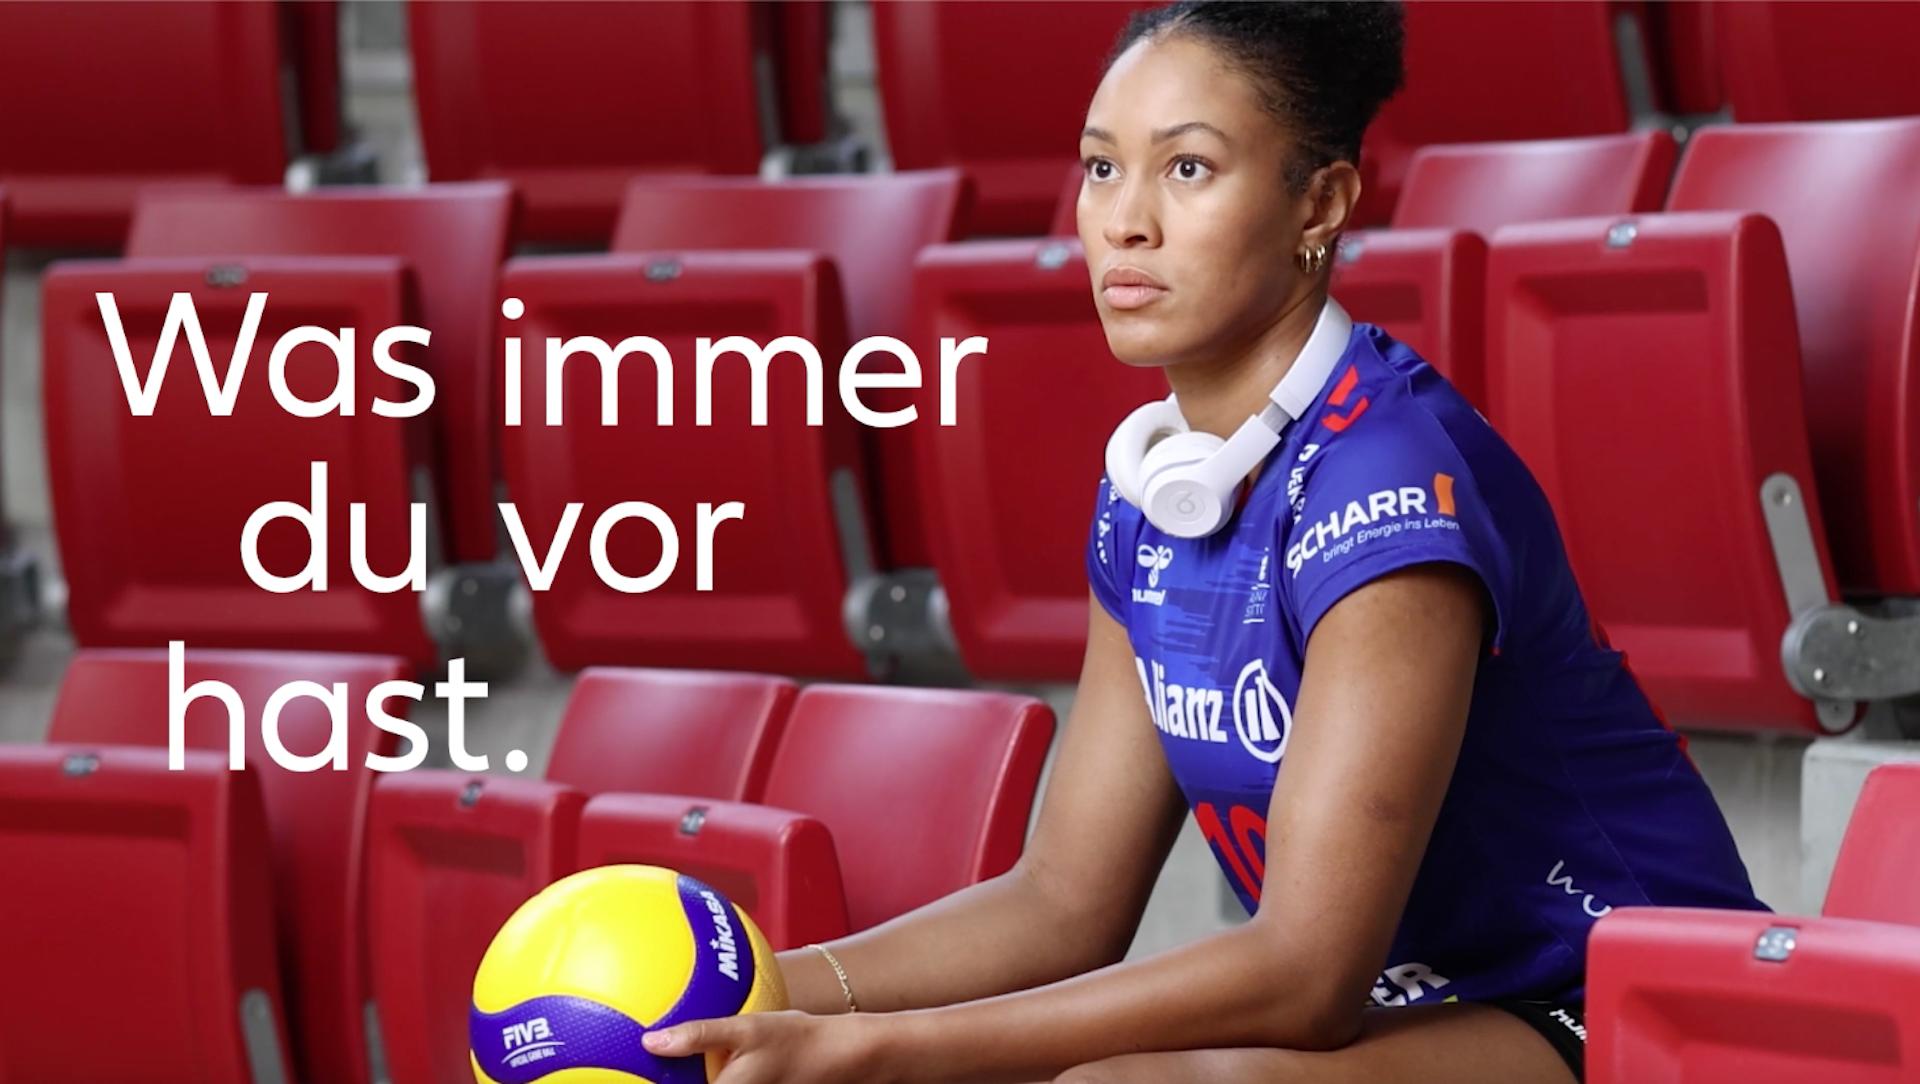 Die neue Allianz Volleyball-Saisonkampagne